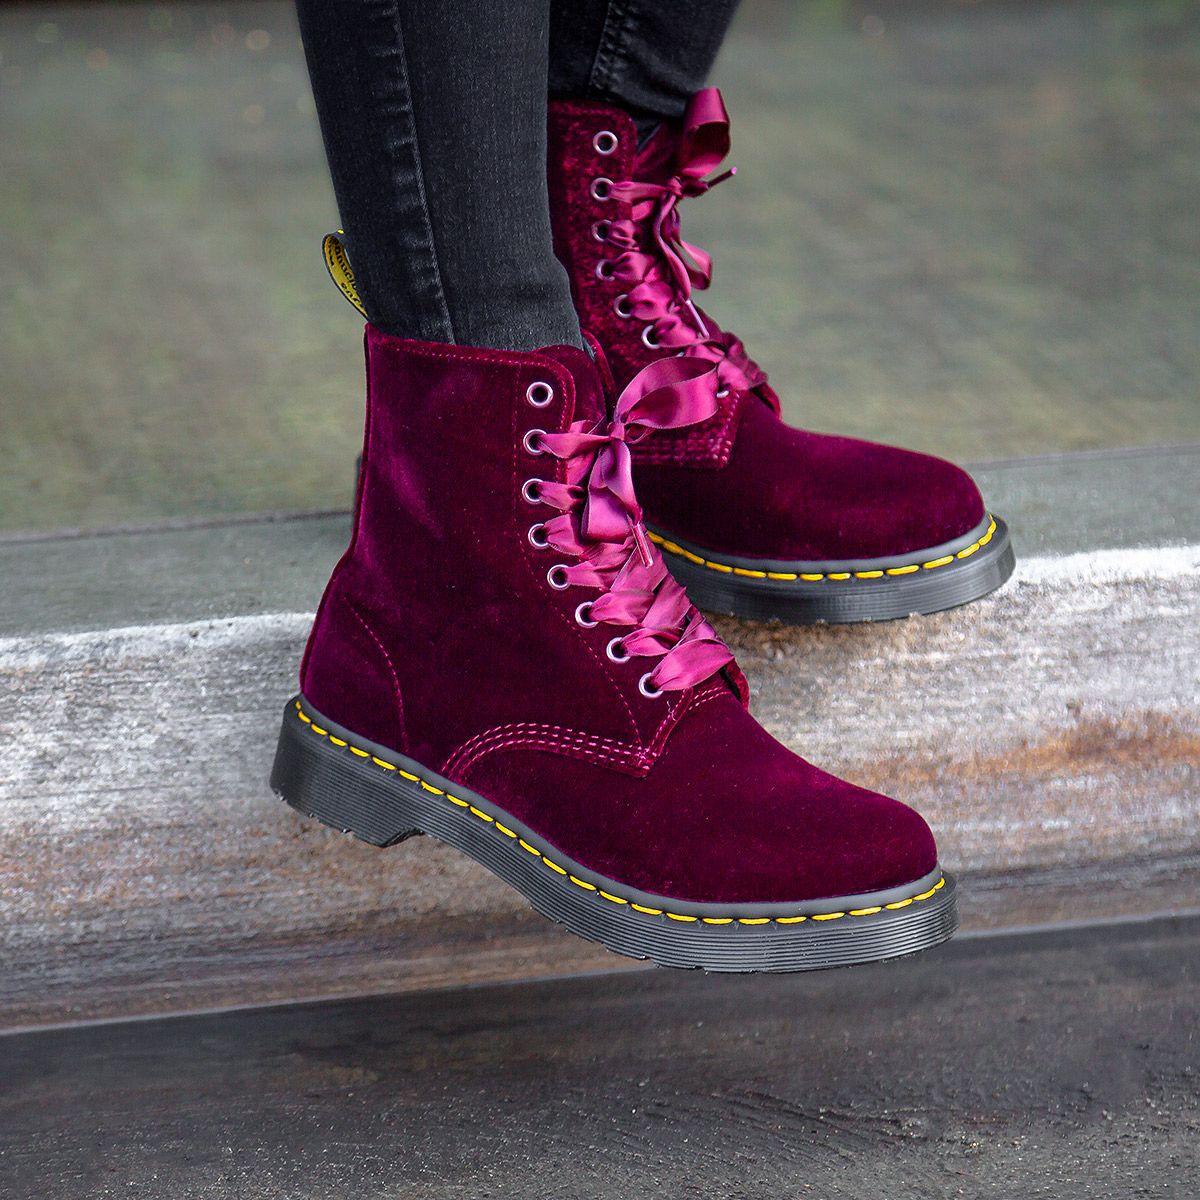 Dr. Martens 1460 Pascal Cherry Red Velvet Boots | Red velvet